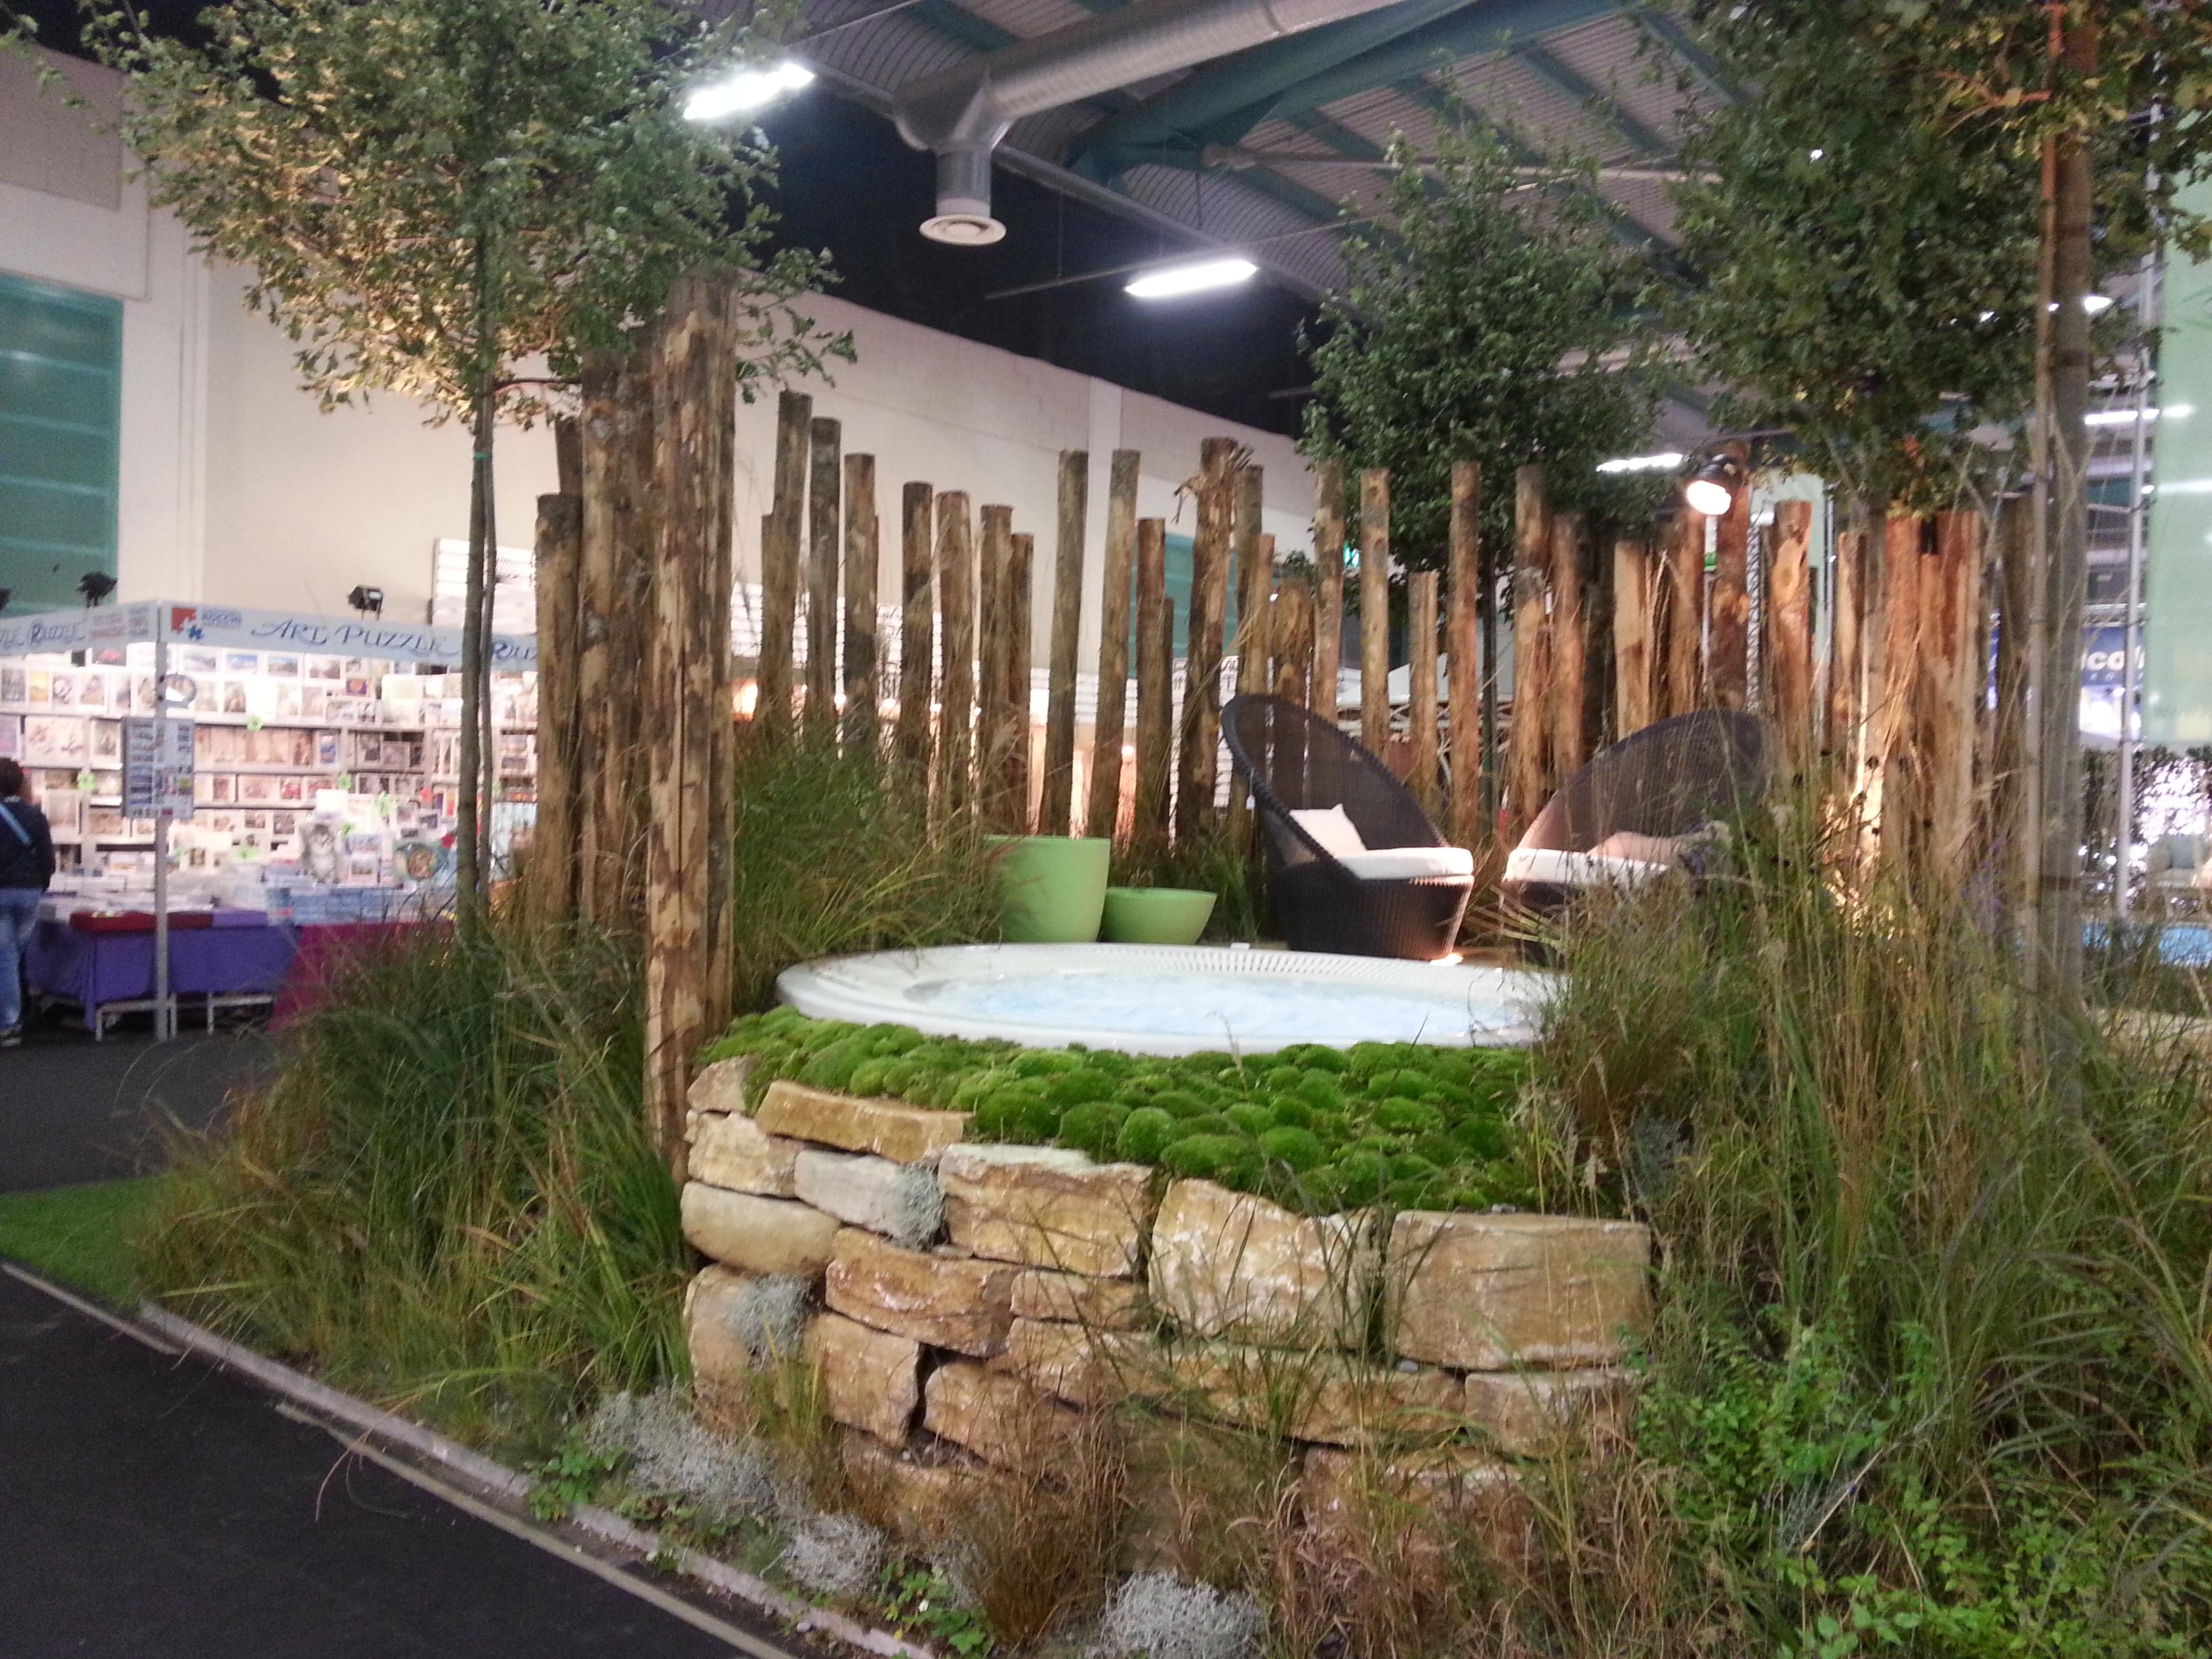 Beautiful with giardino progetto - Progetto per giardino ...